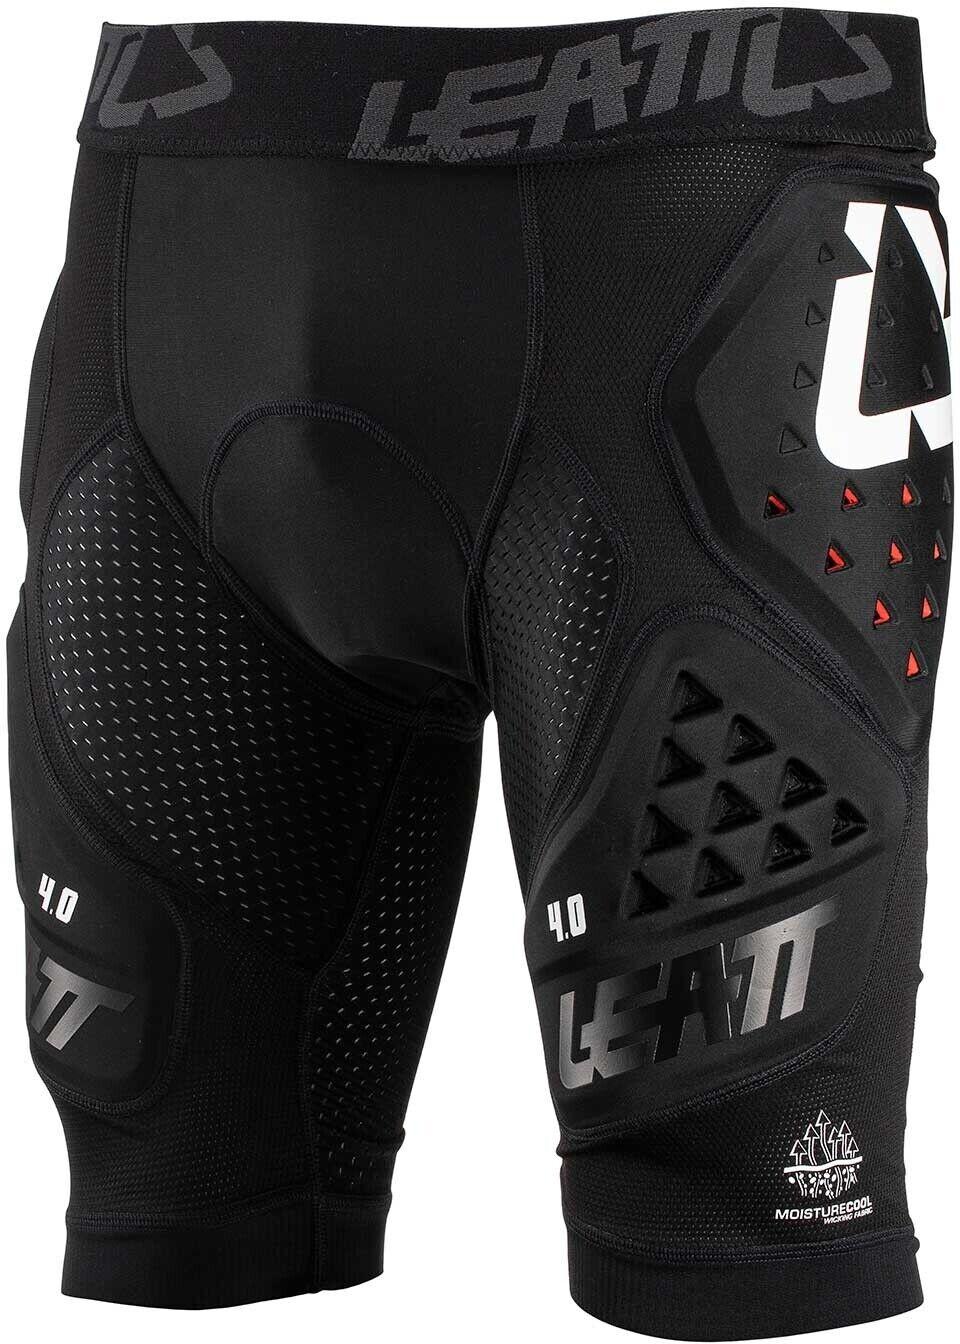 Leatt para hombre 3DF 4.0 Bicycle impacto Pantalones Cortos Bicicleta De Montaña Bicicleta de Montaña BMX